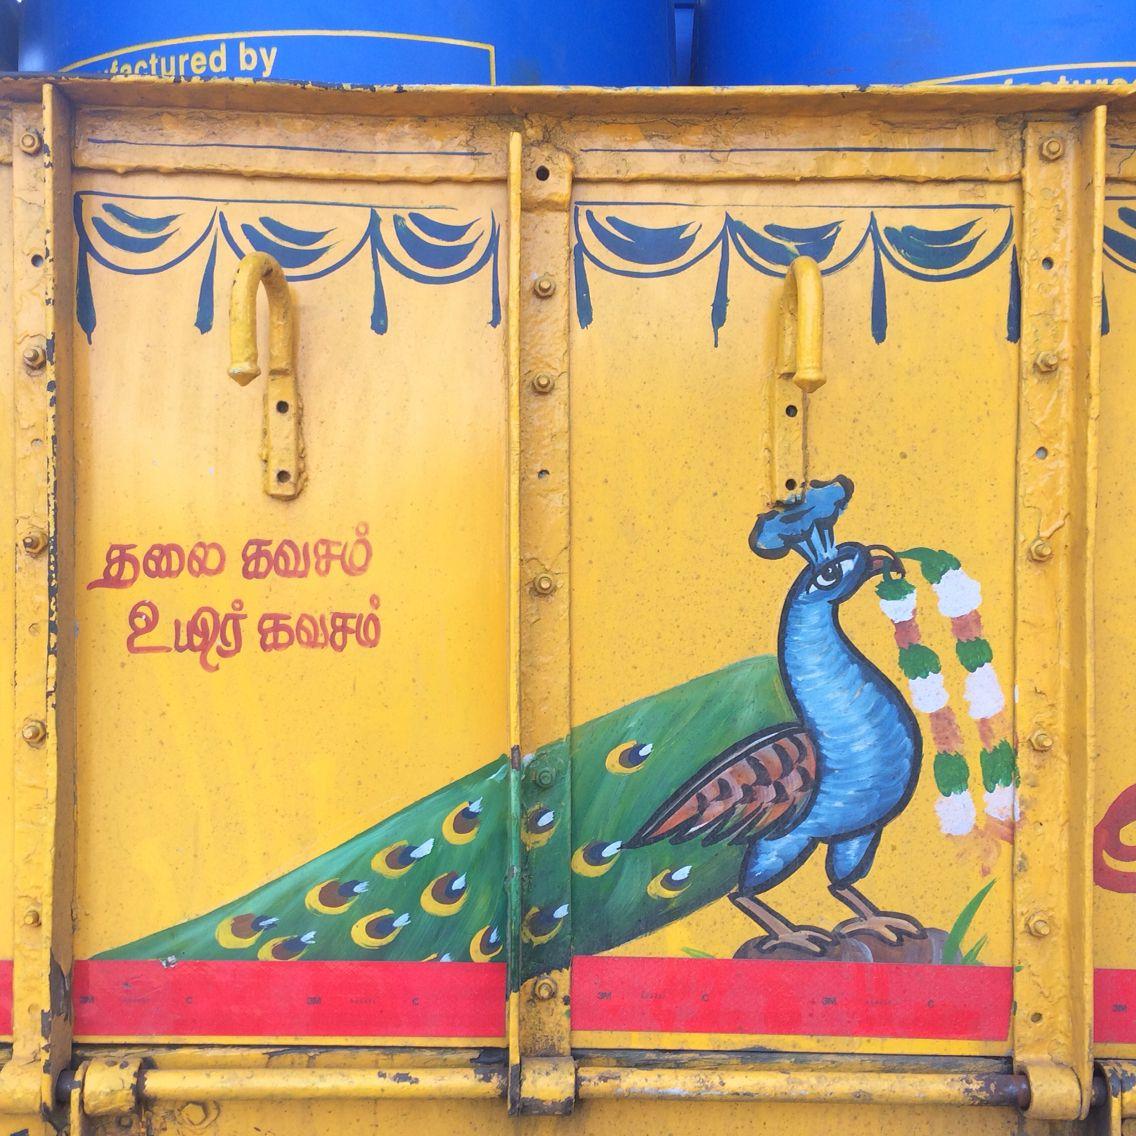 Peacock Beauty Tamil Nadu Truck art Truck art, Art, Art